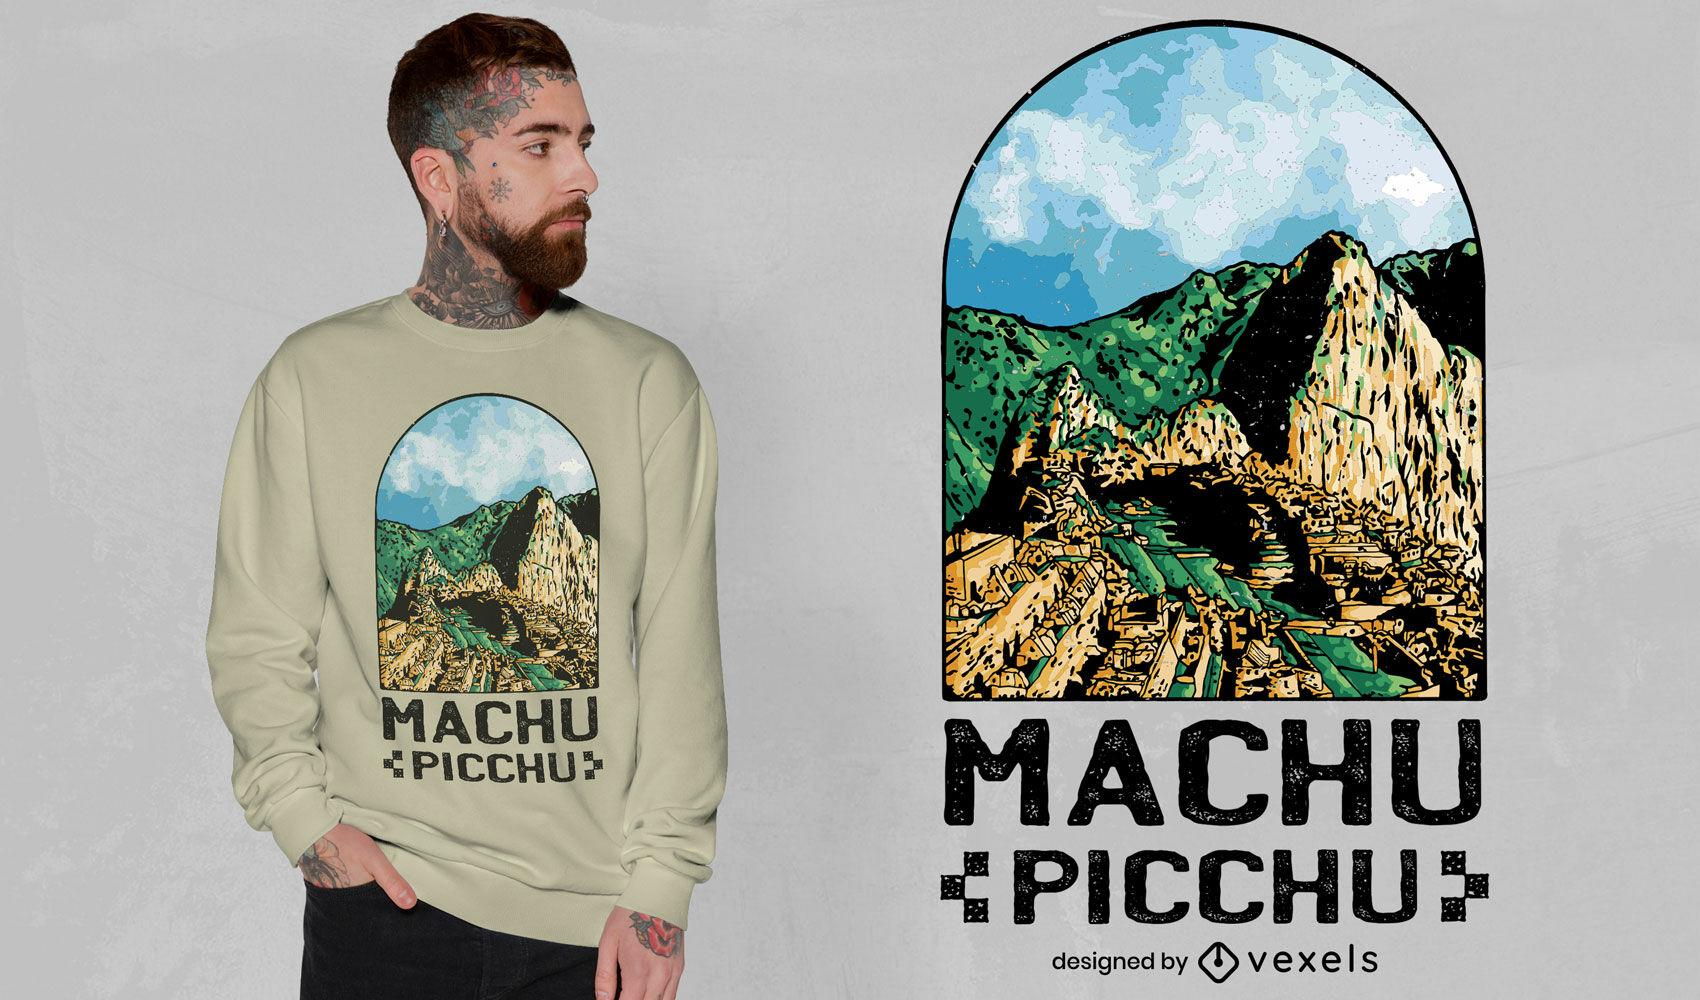 Machu picchu window landscape t-shirt design